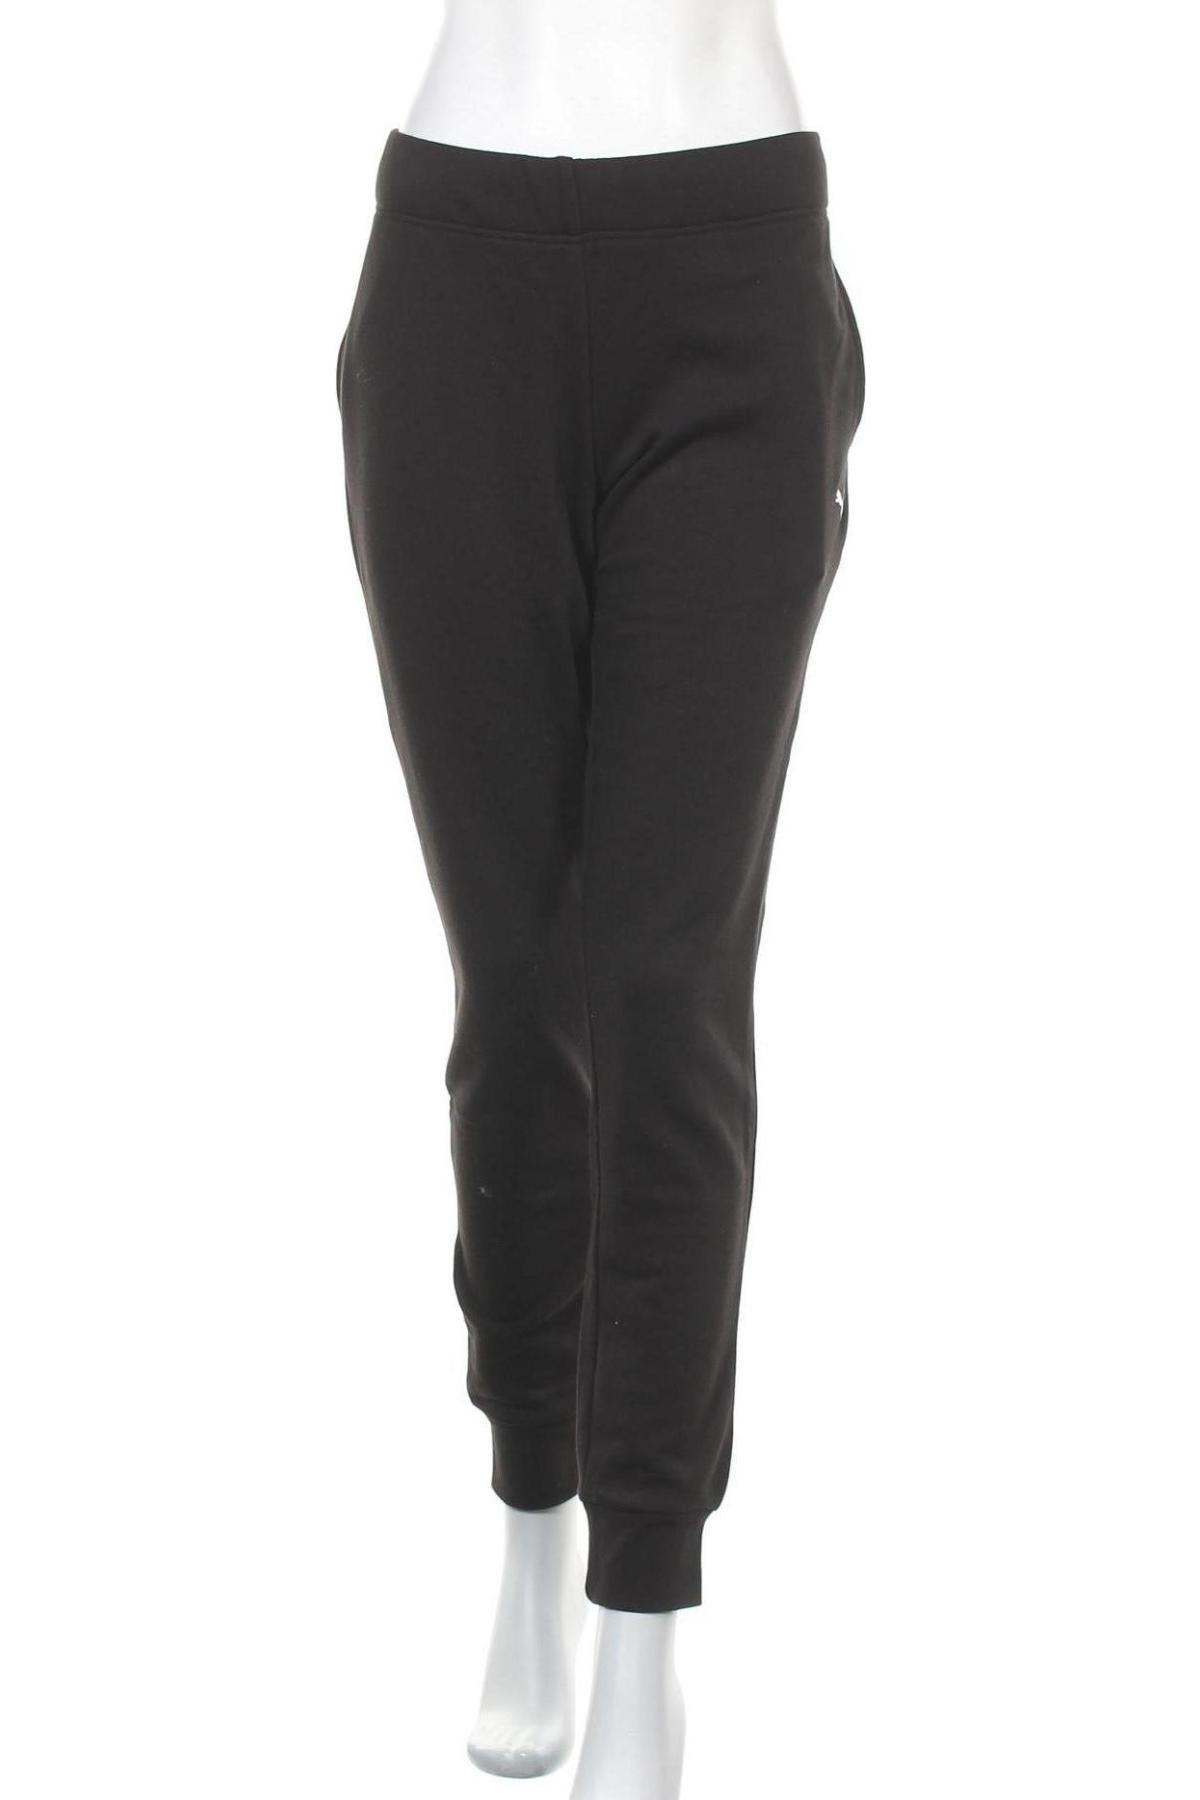 Γυναικείο αθλητικό παντελόνι PUMA, Μέγεθος XL, Χρώμα Μαύρο, 68% βαμβάκι, 32% πολυεστέρας, Τιμή 28,70€